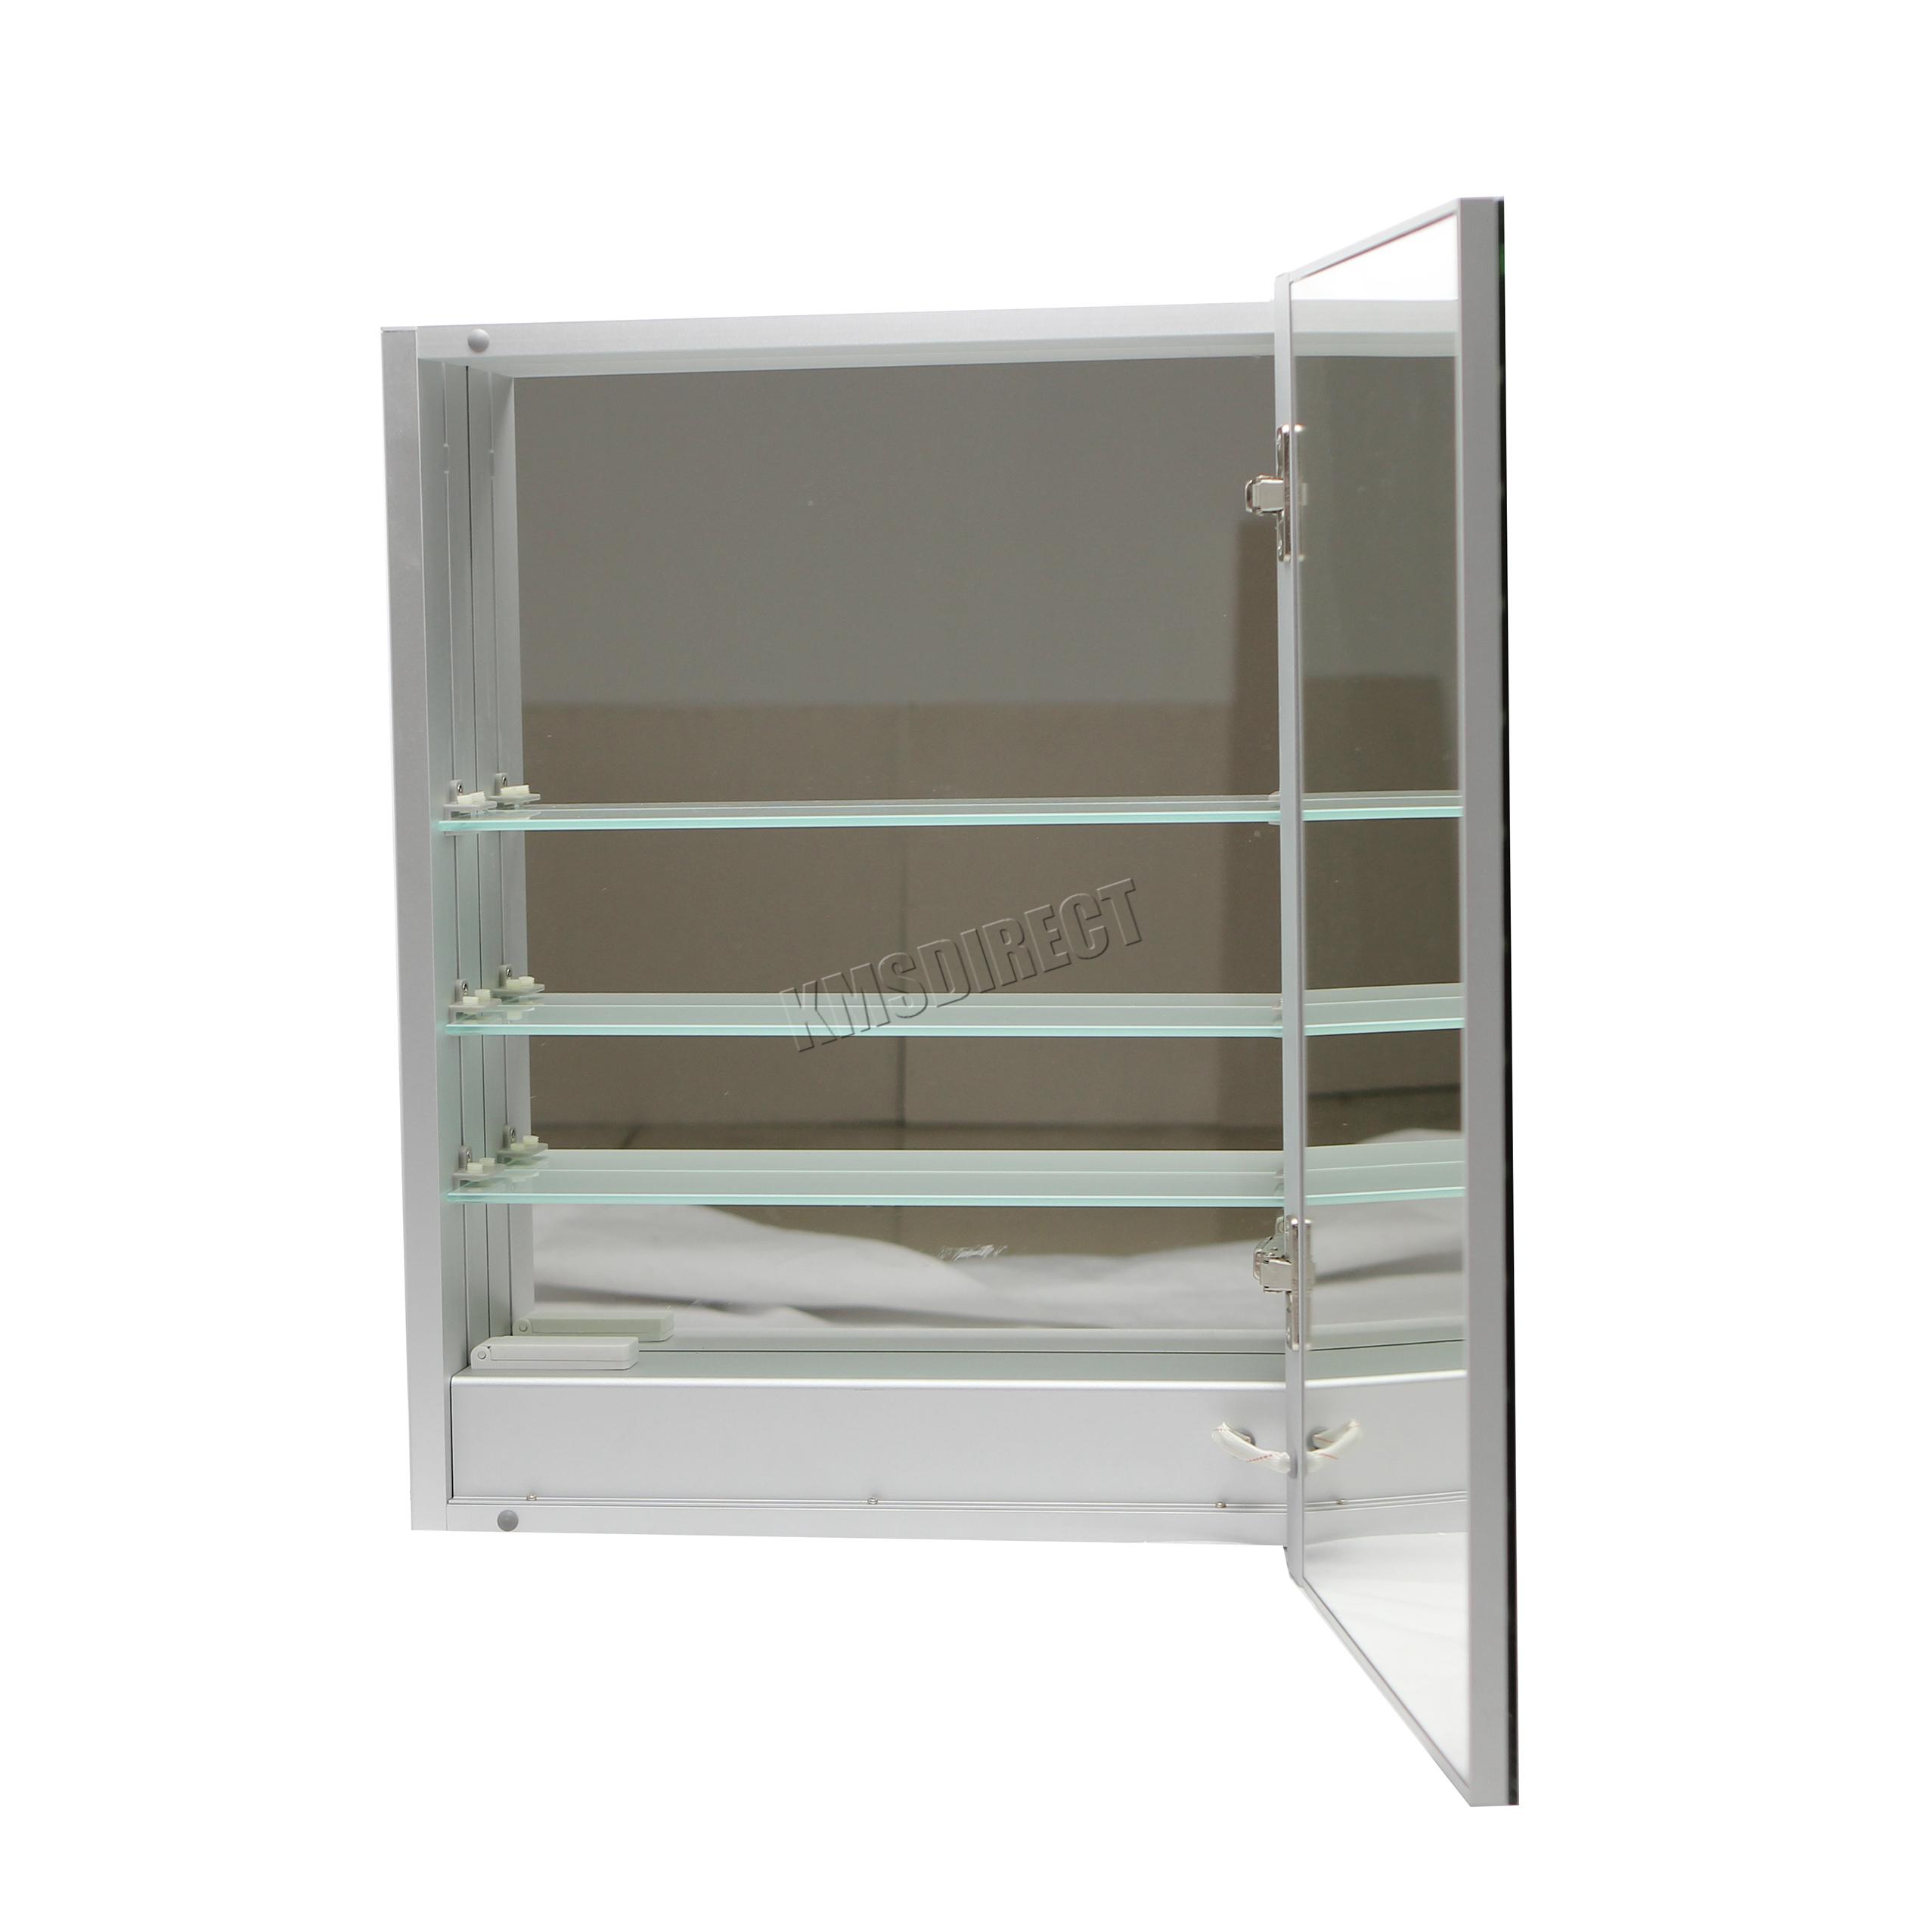 foxhunter led beleuchtet spiegel badezimmer schrank stahl. Black Bedroom Furniture Sets. Home Design Ideas